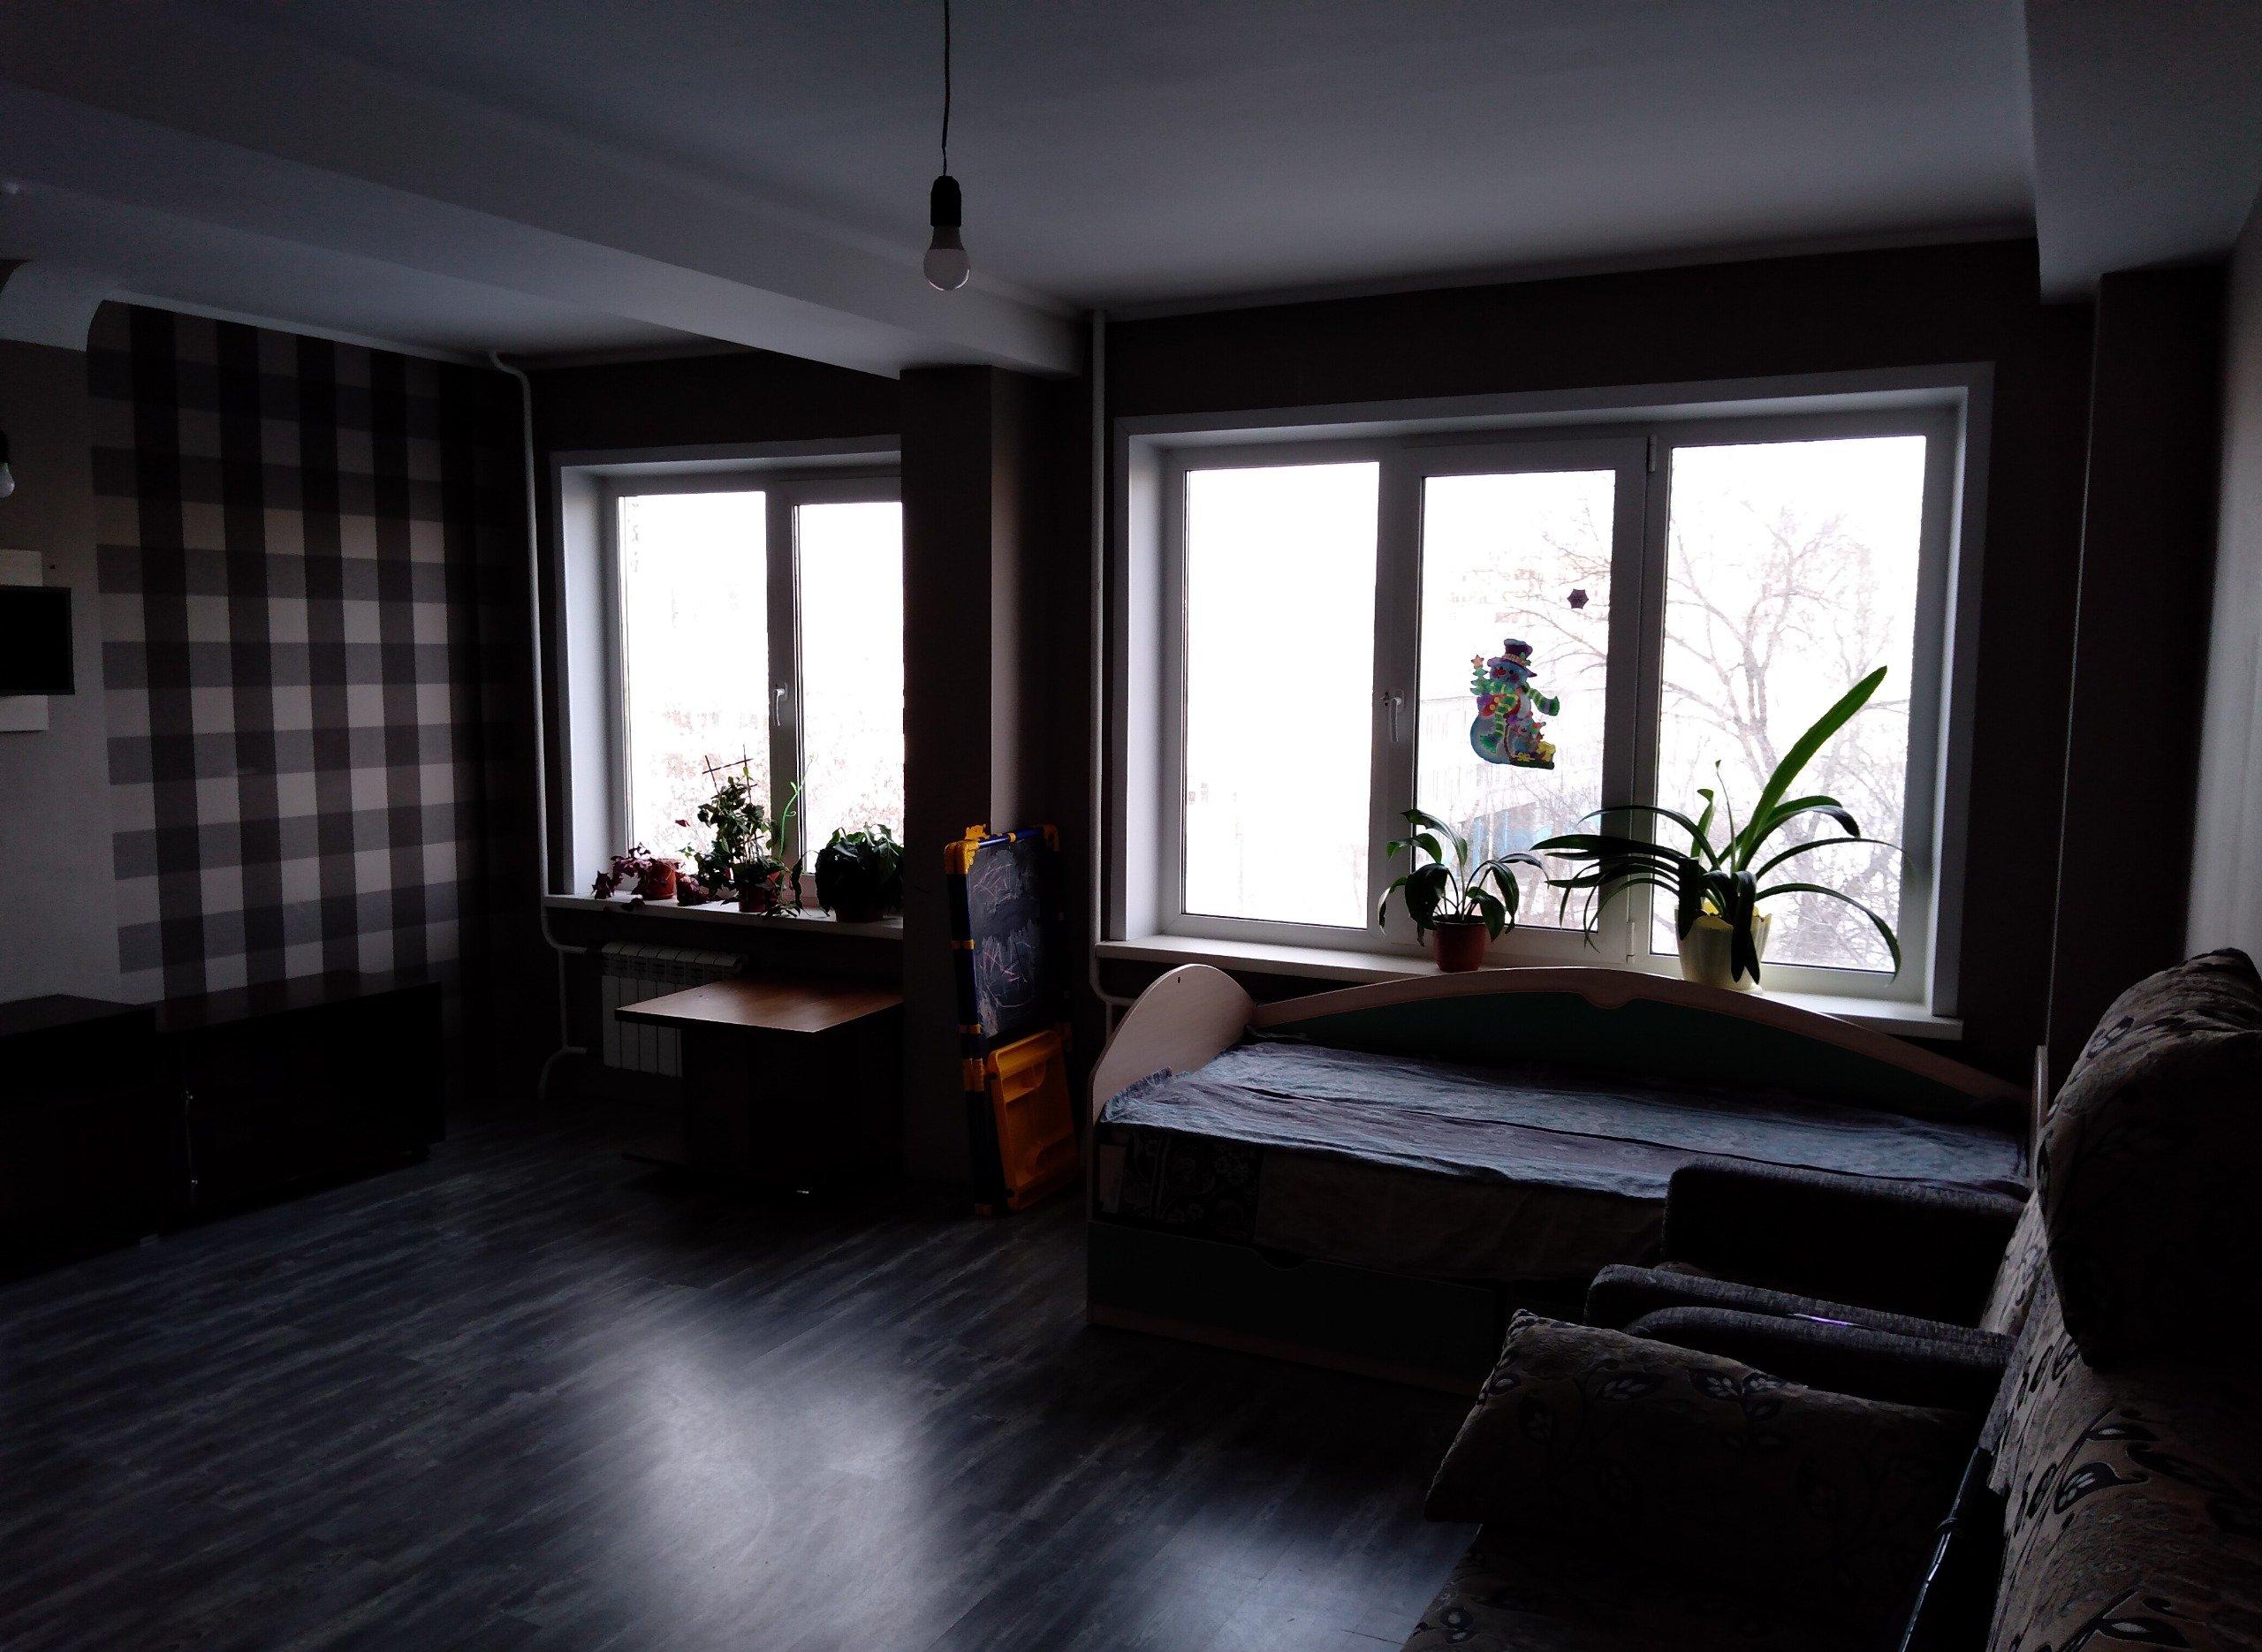 3к квартира ул Судостроительная, д 95 | 18000 | аренда в Красноярске фото 4